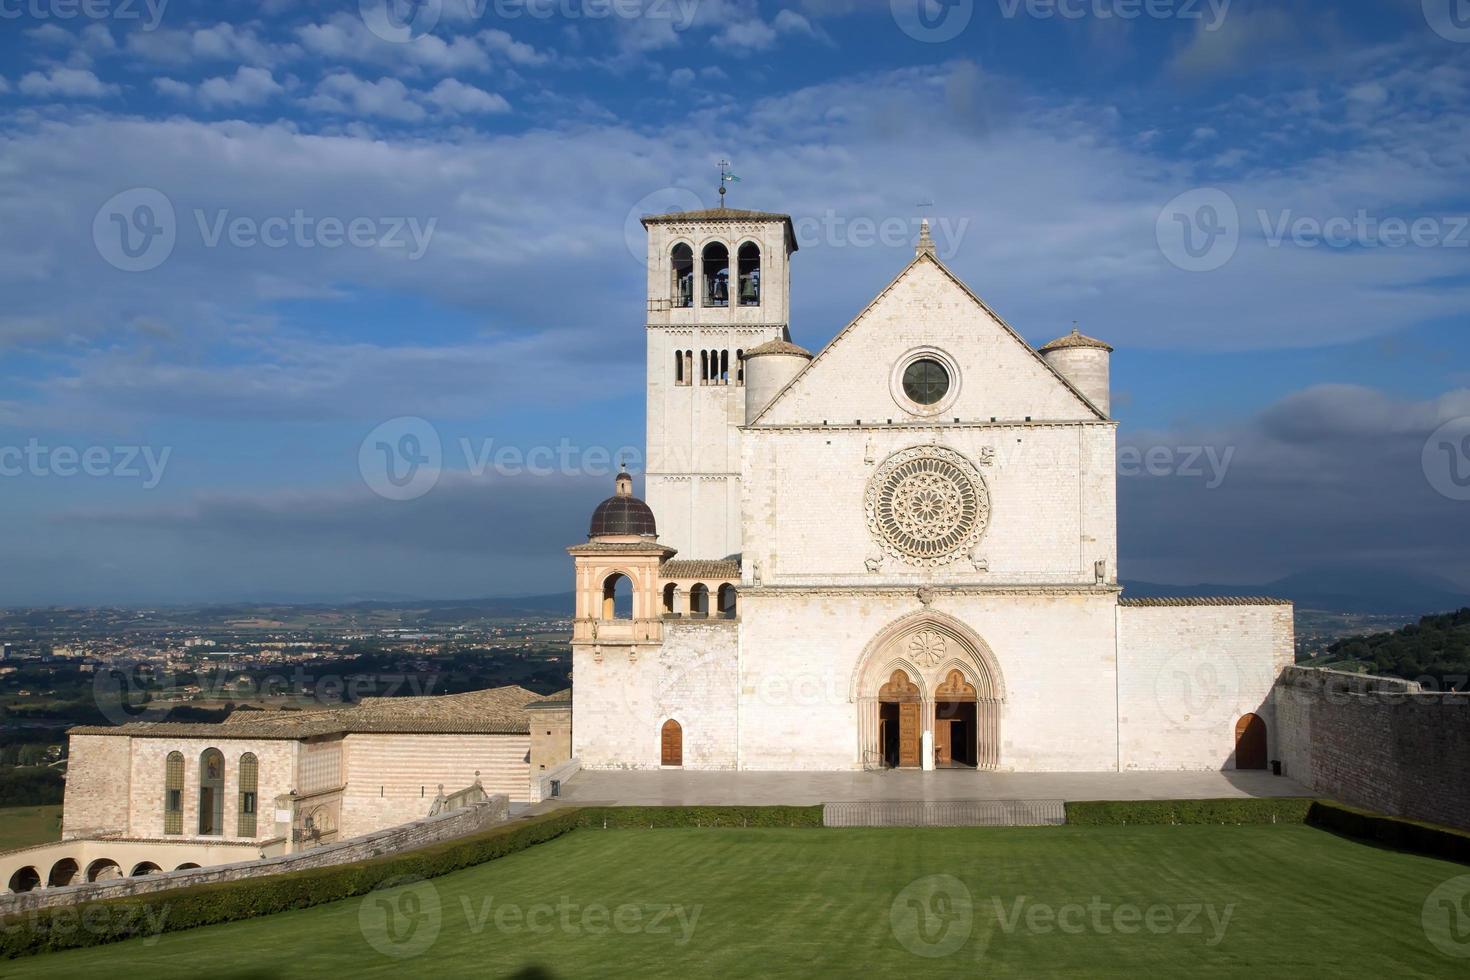 la basilique papale de st. francis d'assise photo